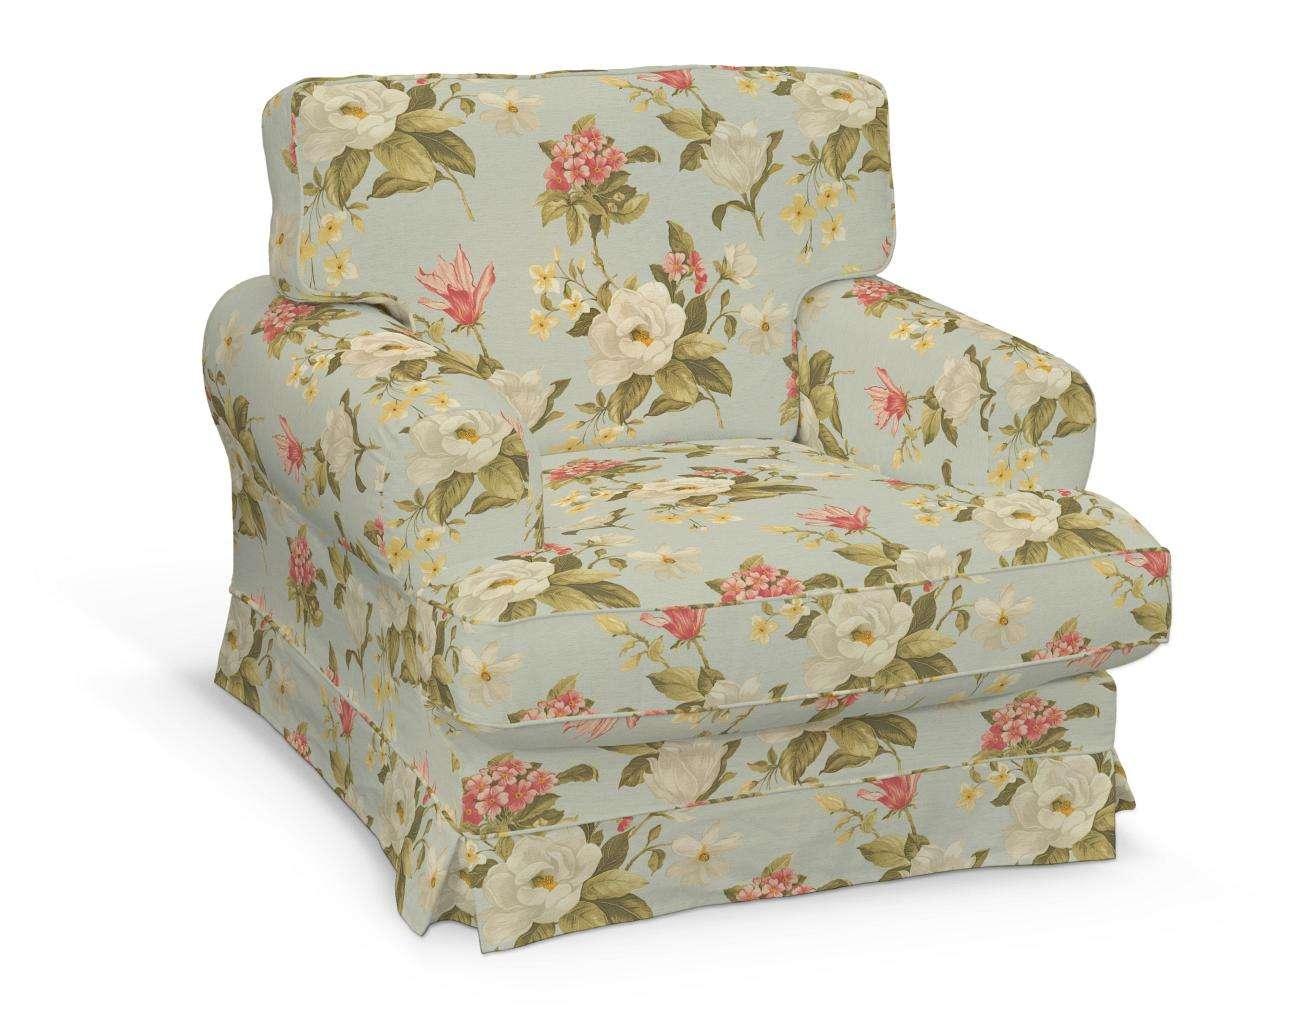 Pokrowiec na fotel Ekeskog Fotel Ekeskog w kolekcji Londres, tkanina: 123-65